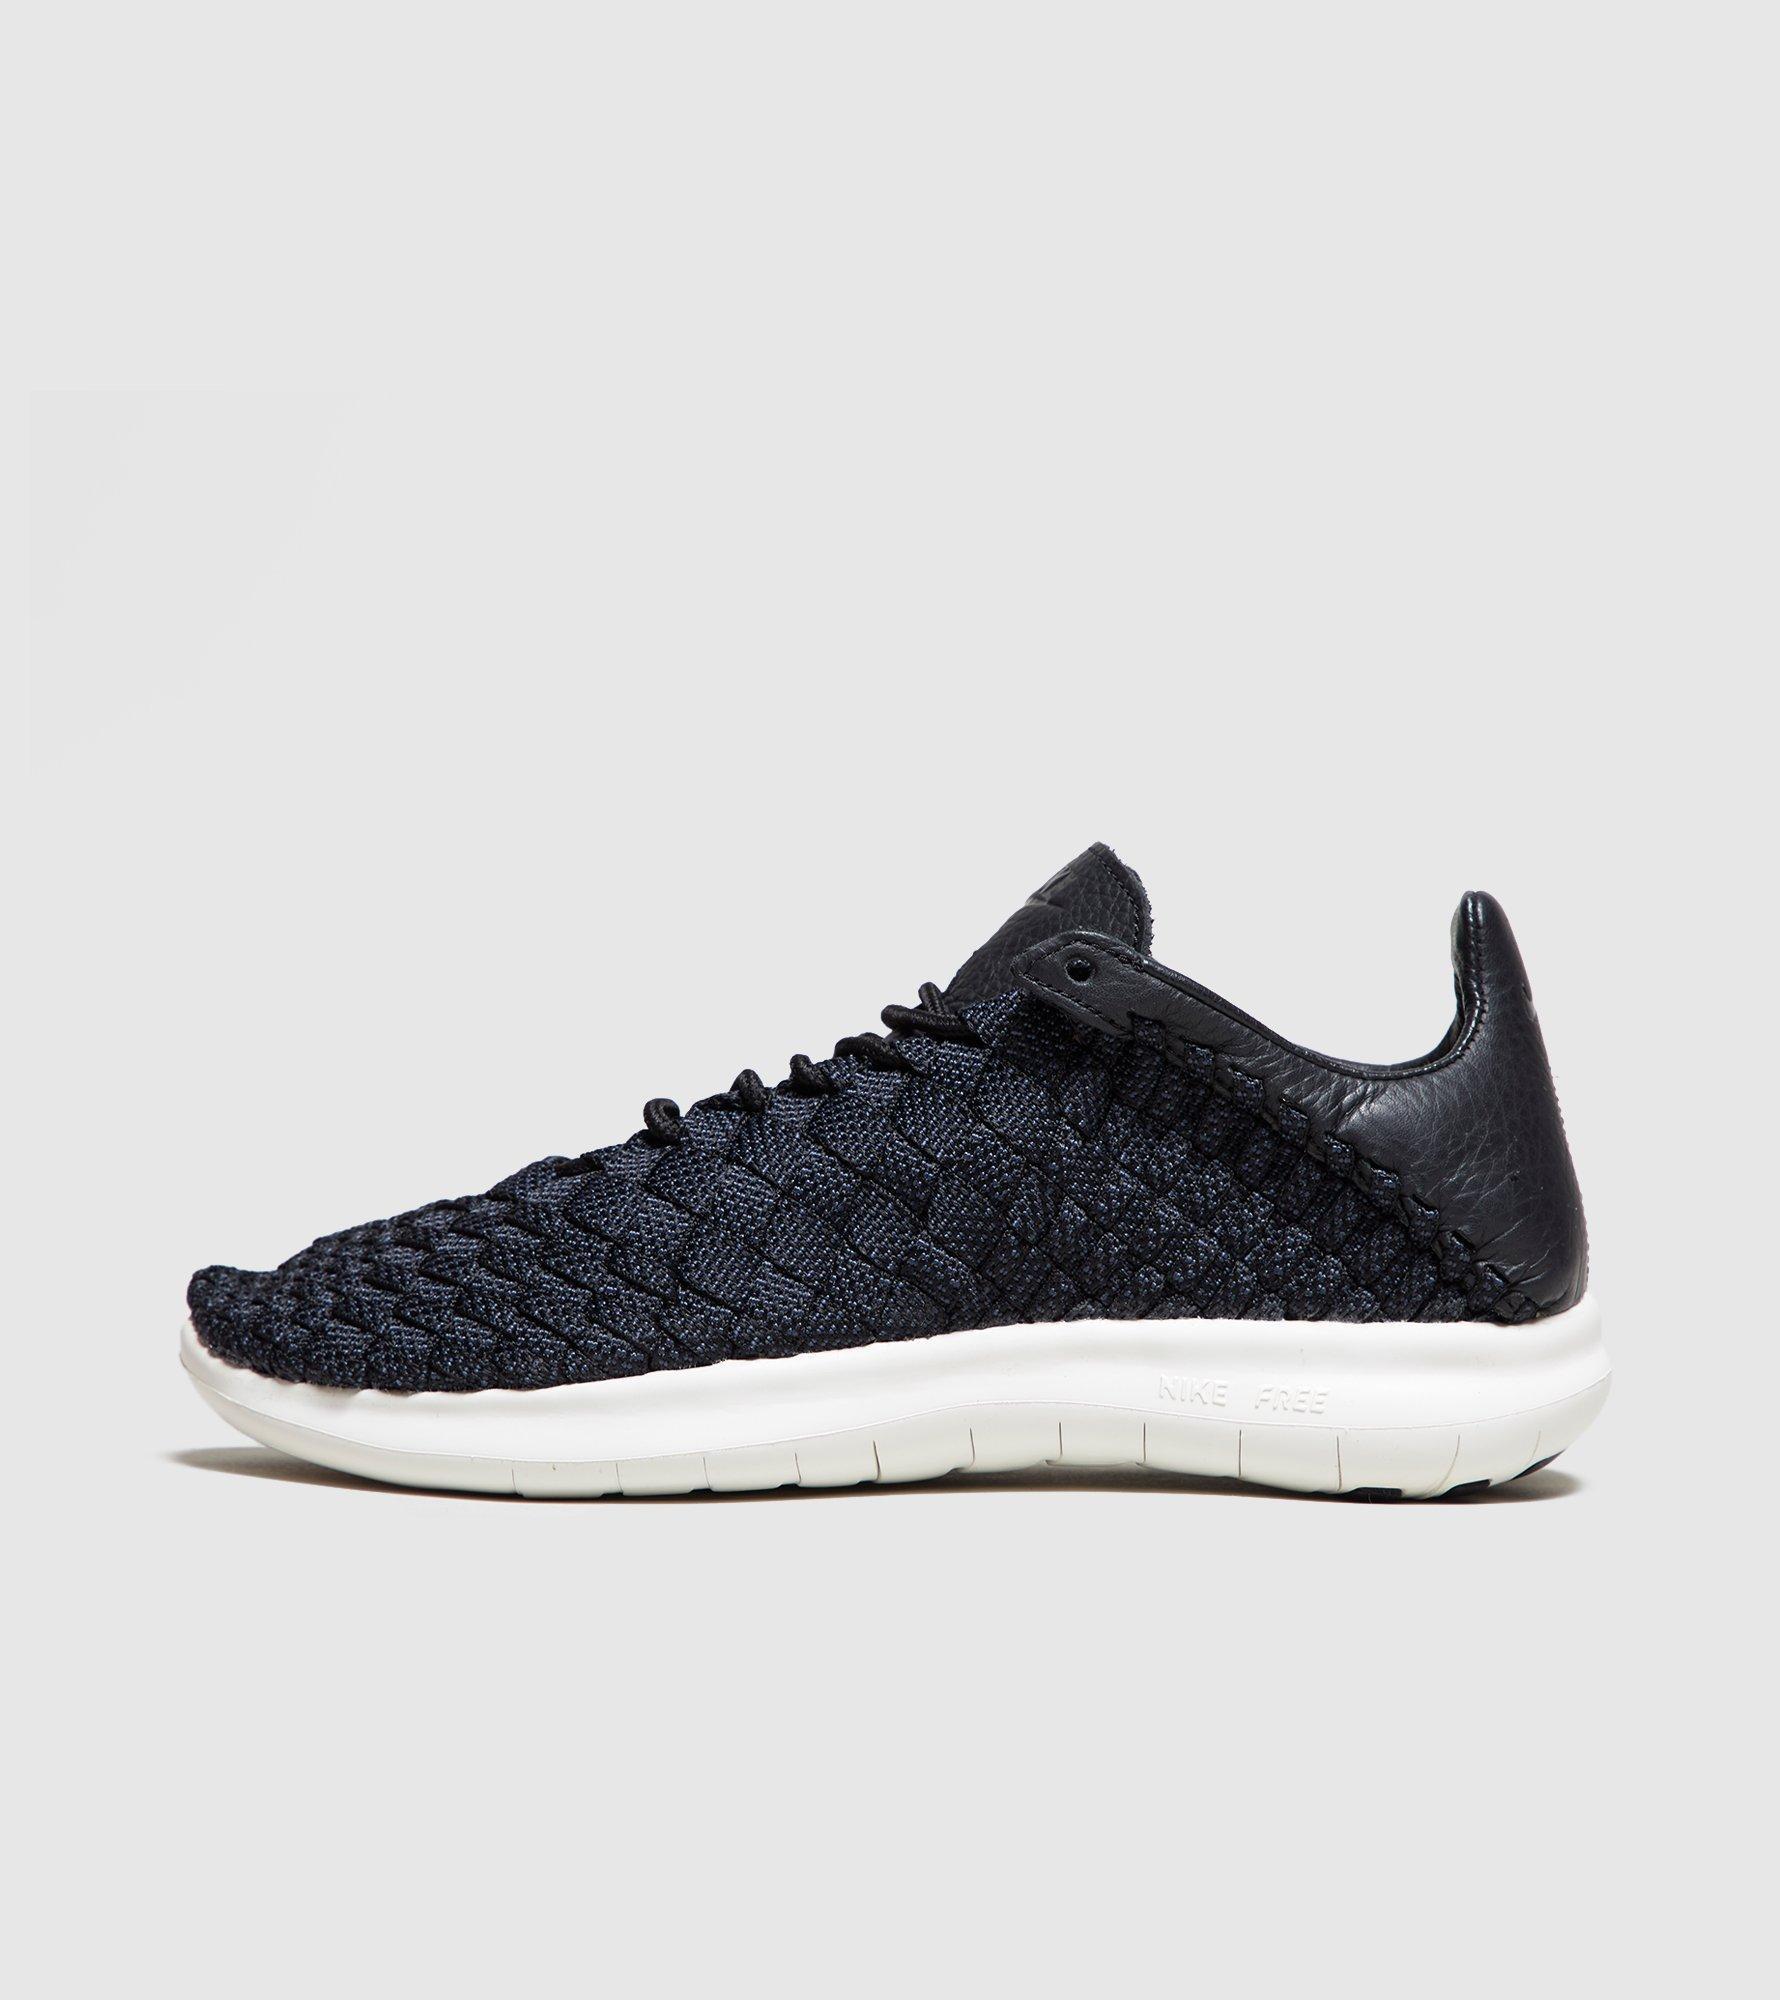 premium selection 8965d 6930f Nike Free Inneva Woven Motion in Black for Men - Lyst